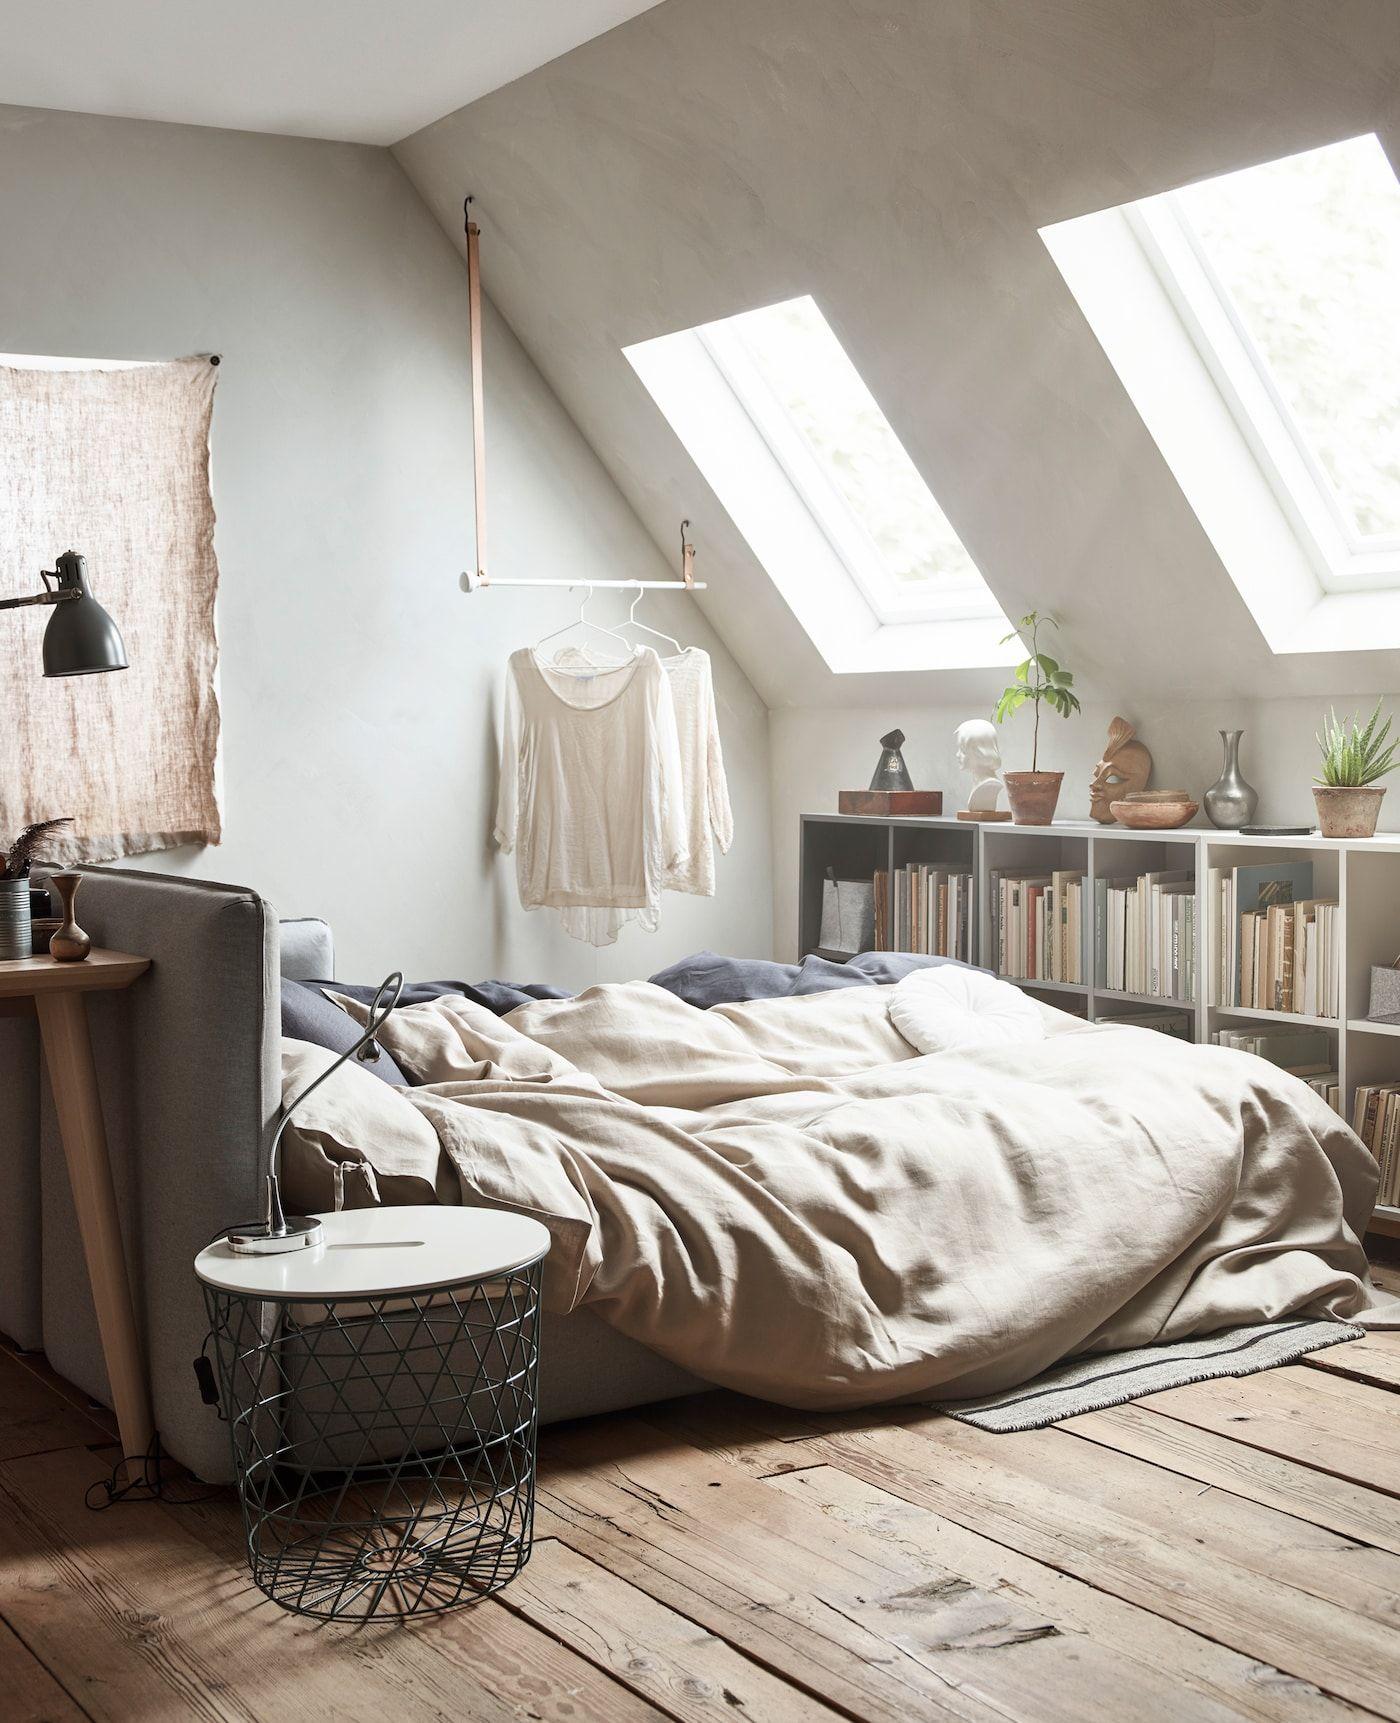 ideen | schlafzimmer einrichten, wg zimmer, zimmer